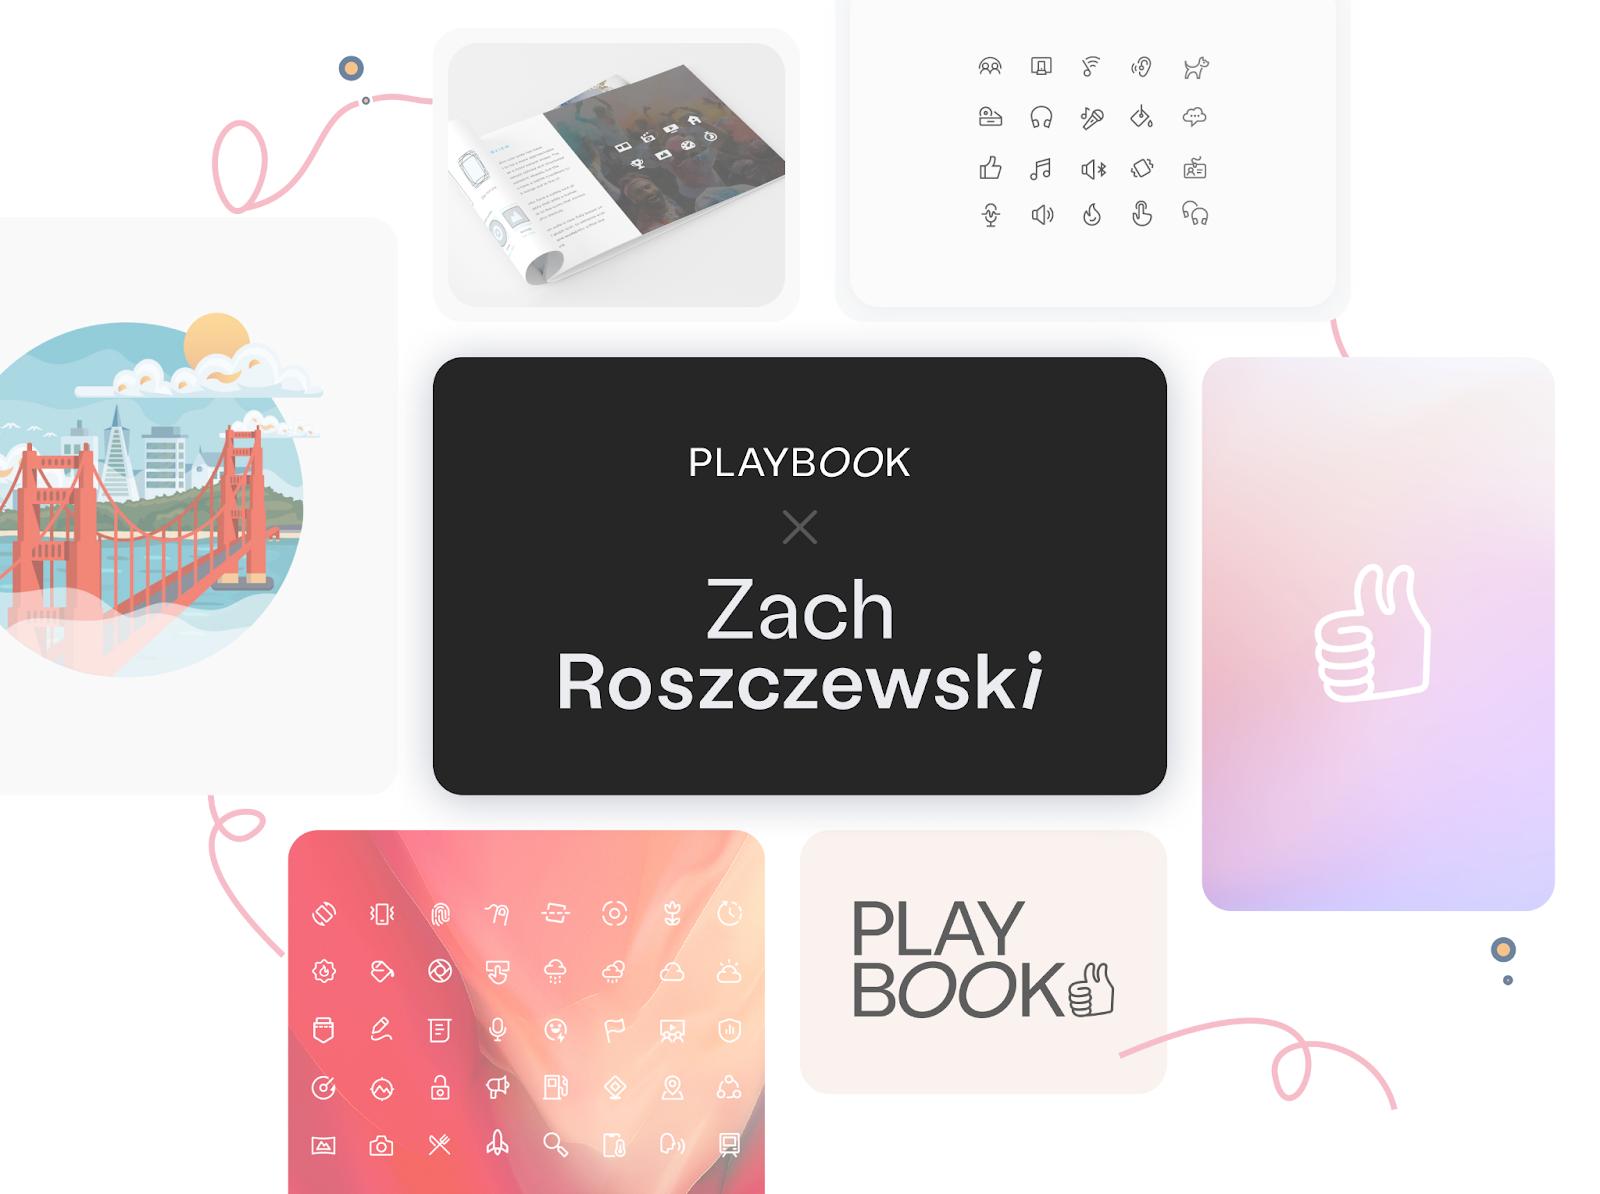 Zach Roszczewski Playbook